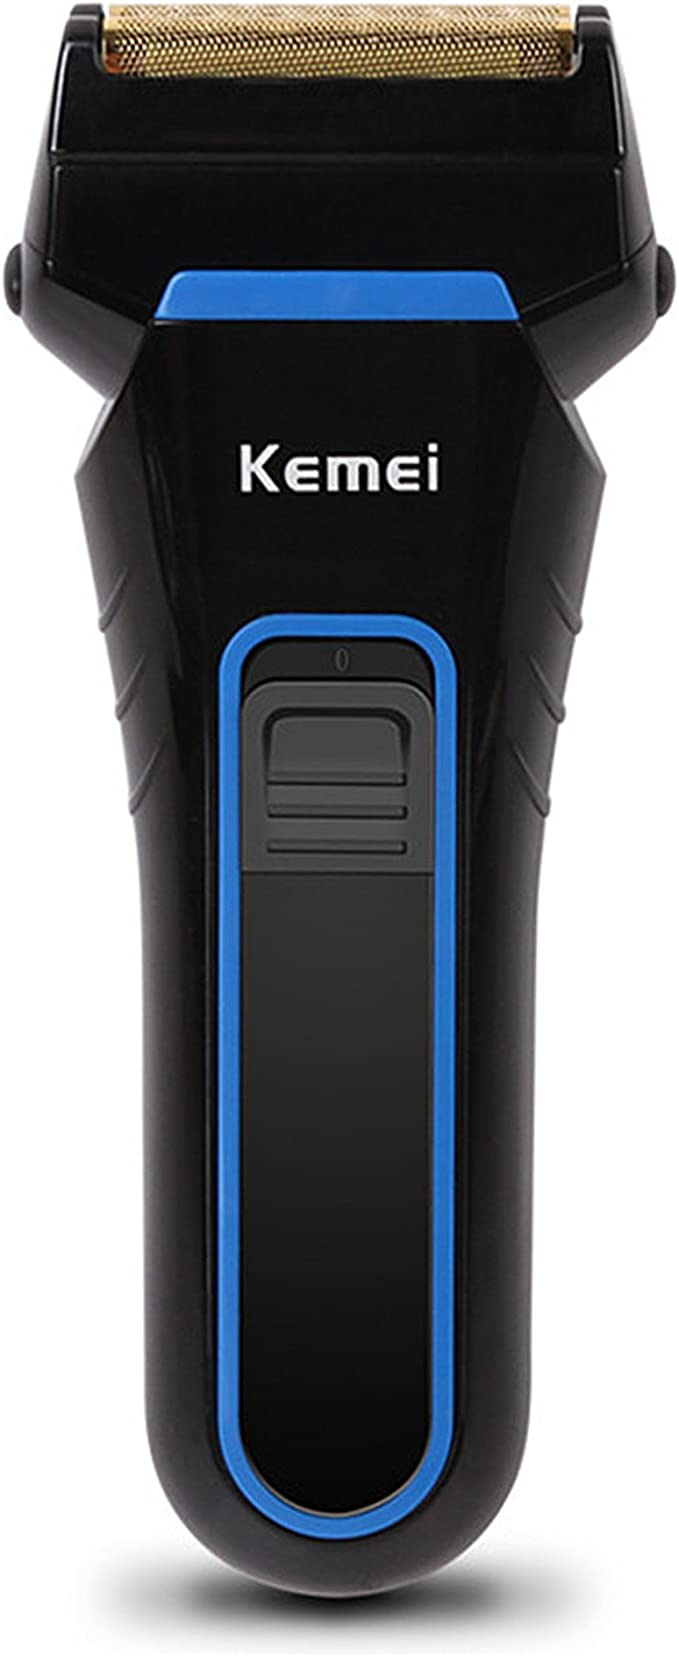 Kemei km-2016 afeitadora eléctrica recargable doble bordo ...